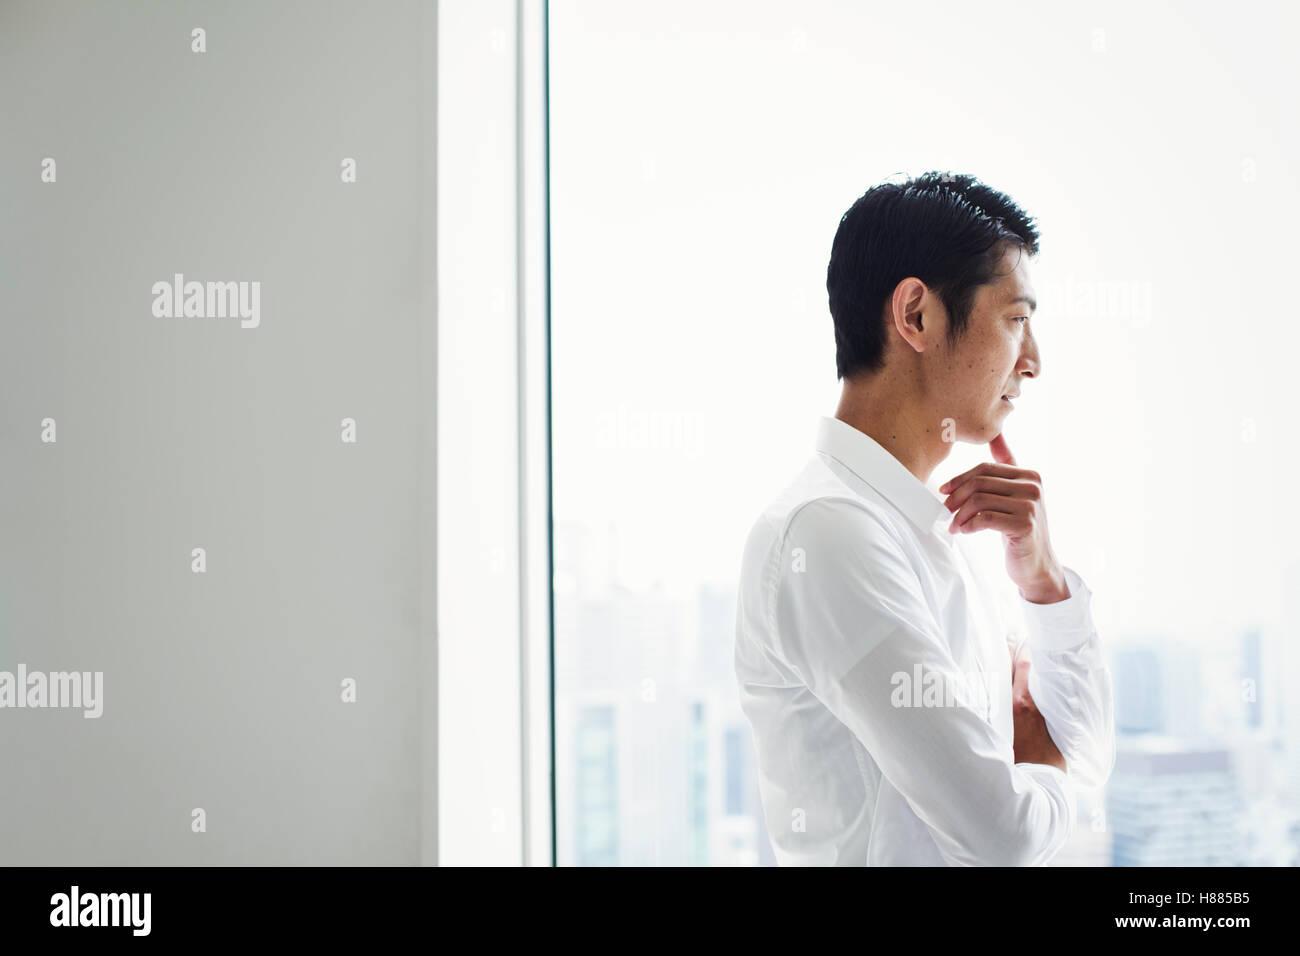 Un empresario en la oficina de pie junto a una ventana grande con brazos cruzados, mirando hacia la ciudad. Foto de stock